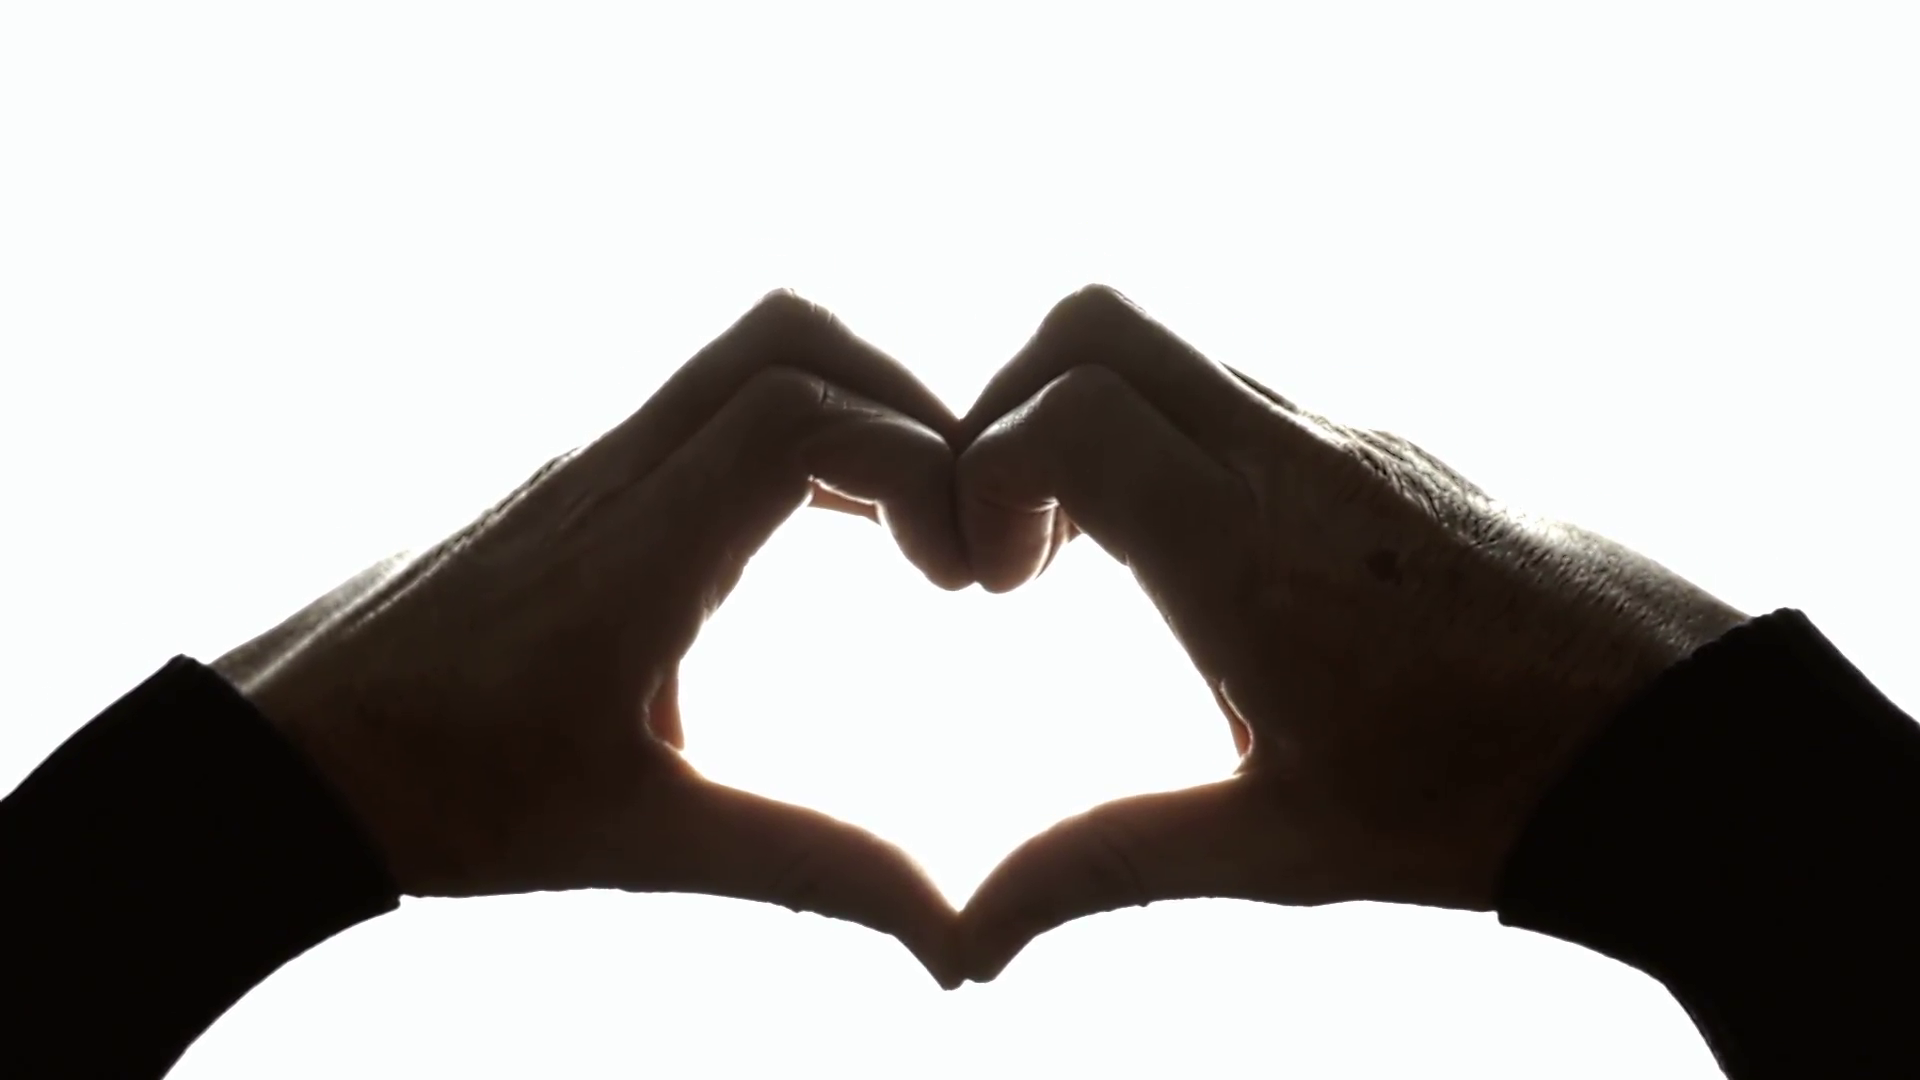 1920x1080 Hands Heart Shape Raising Black. The Hands Of An Old Man Raising